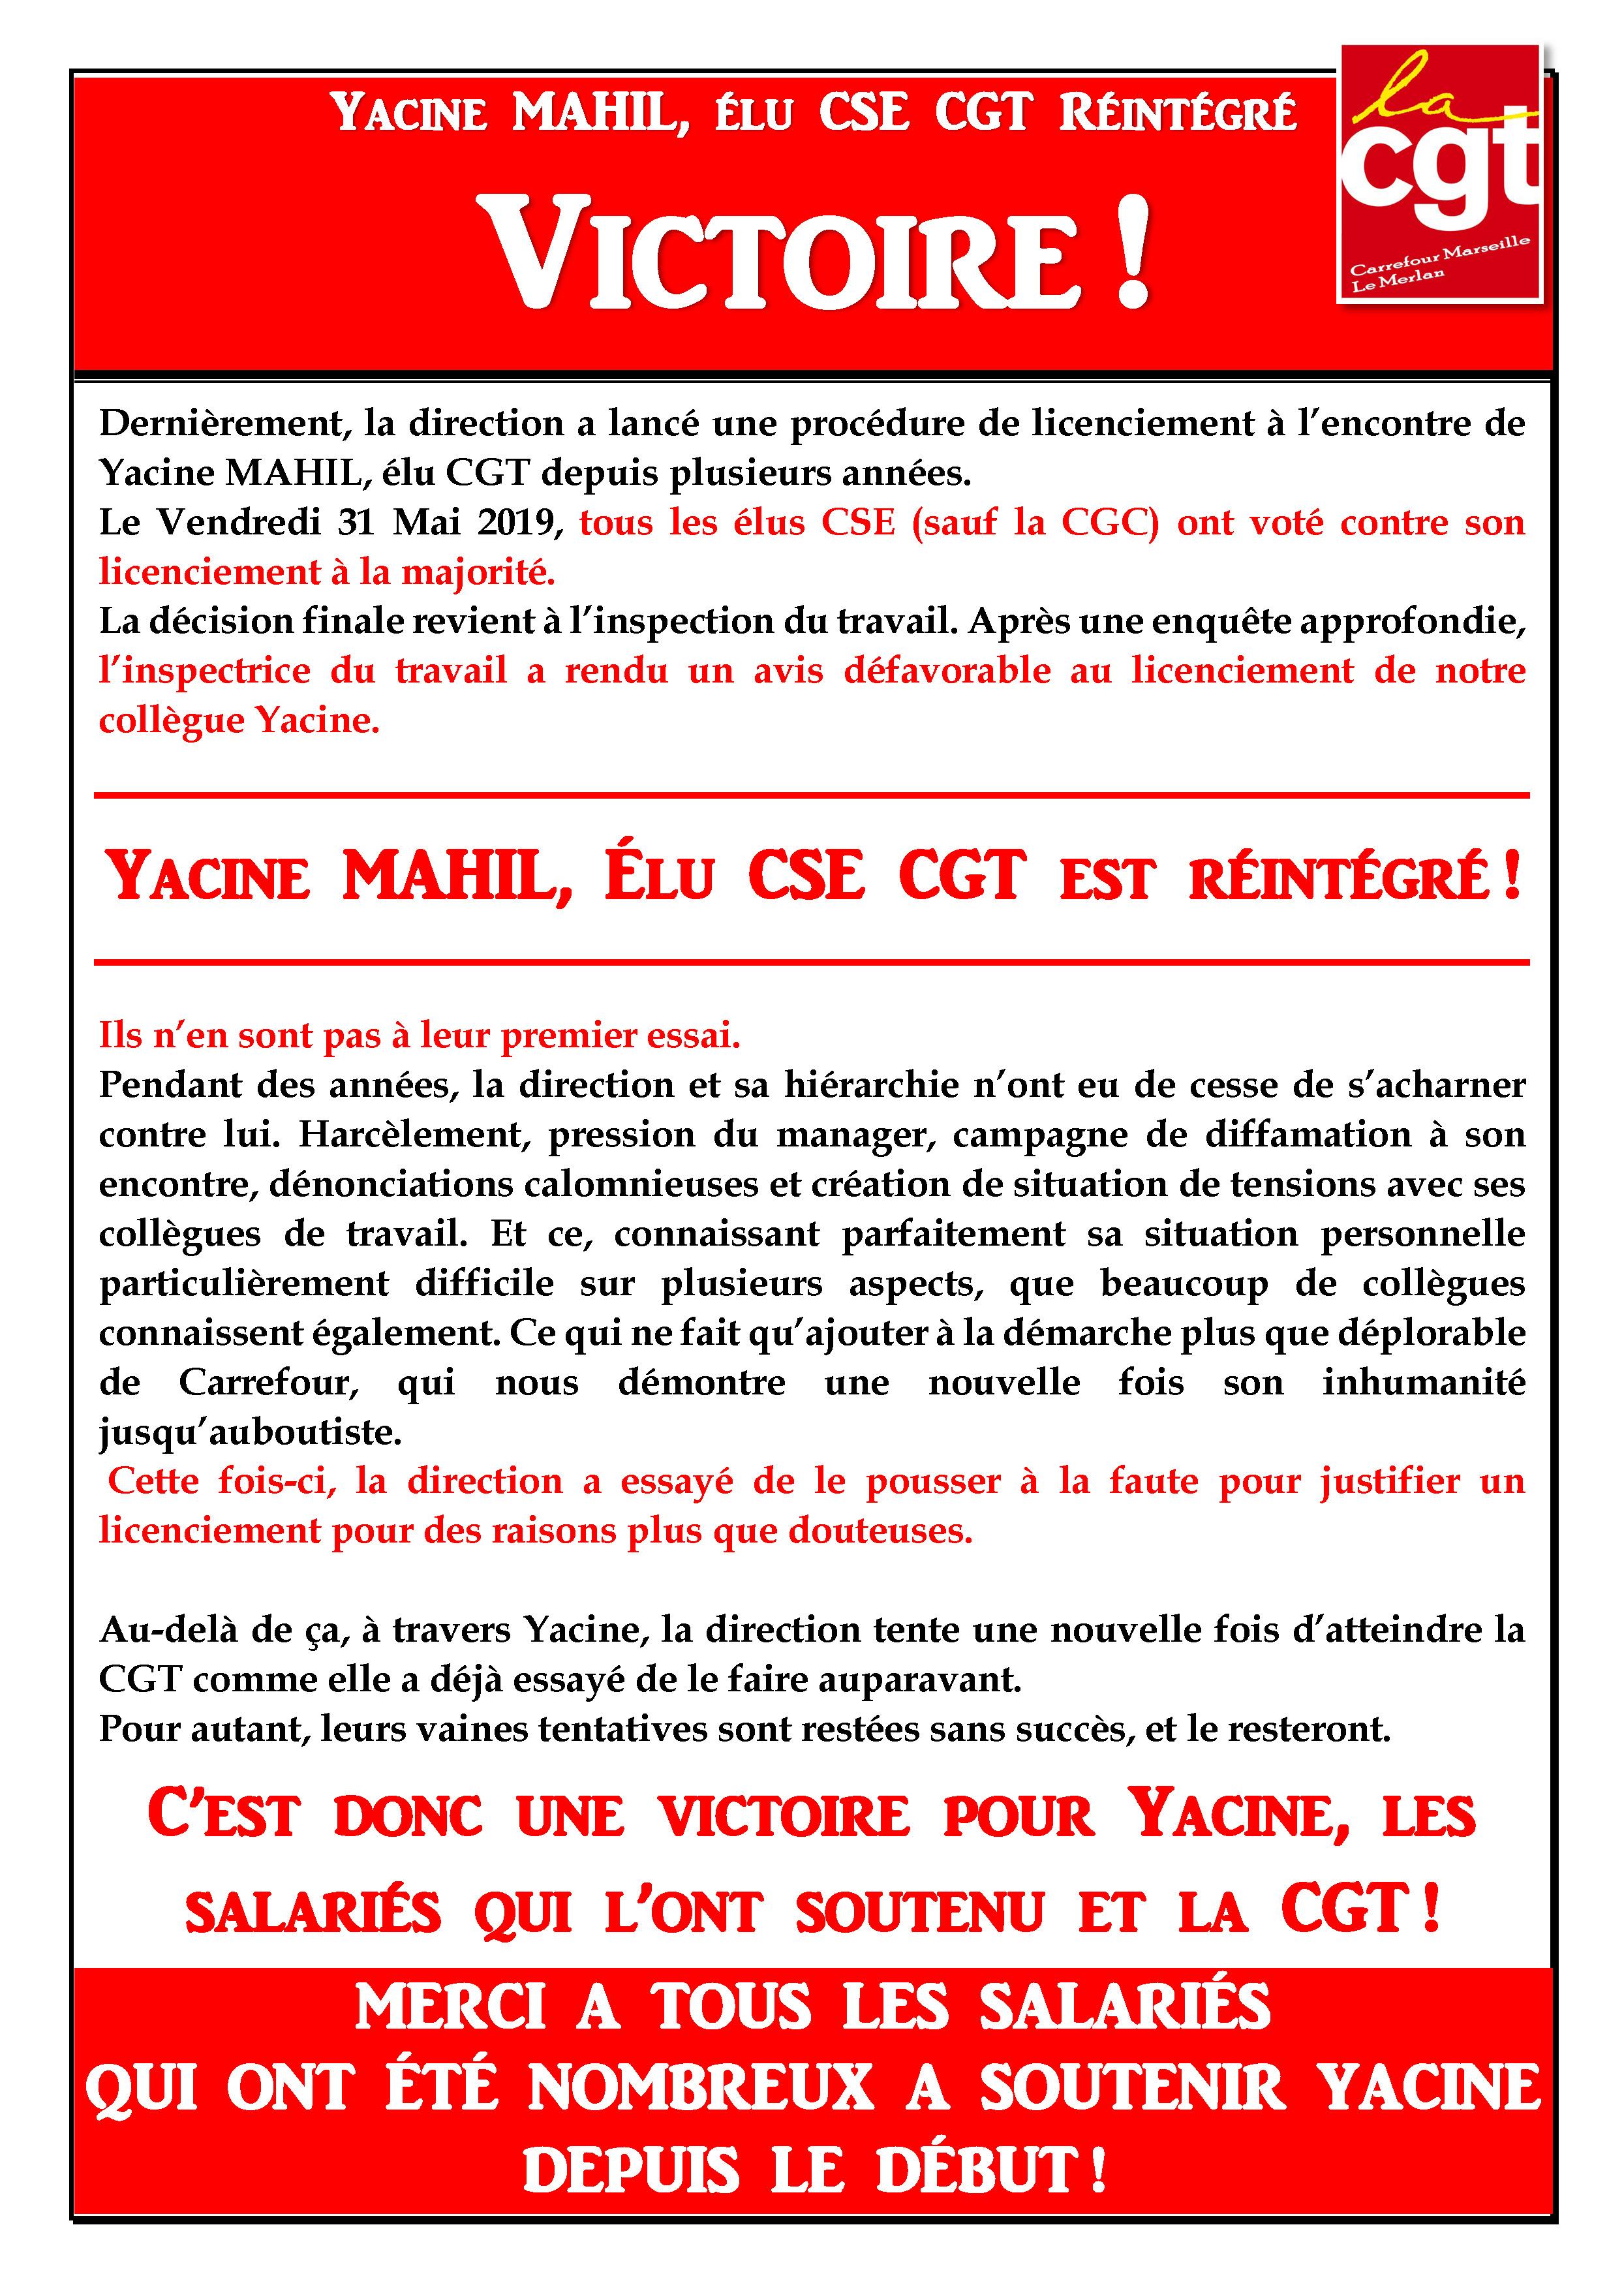 VICTOIRE: Yacine MAHIL Elu CSE CGT réintégré !